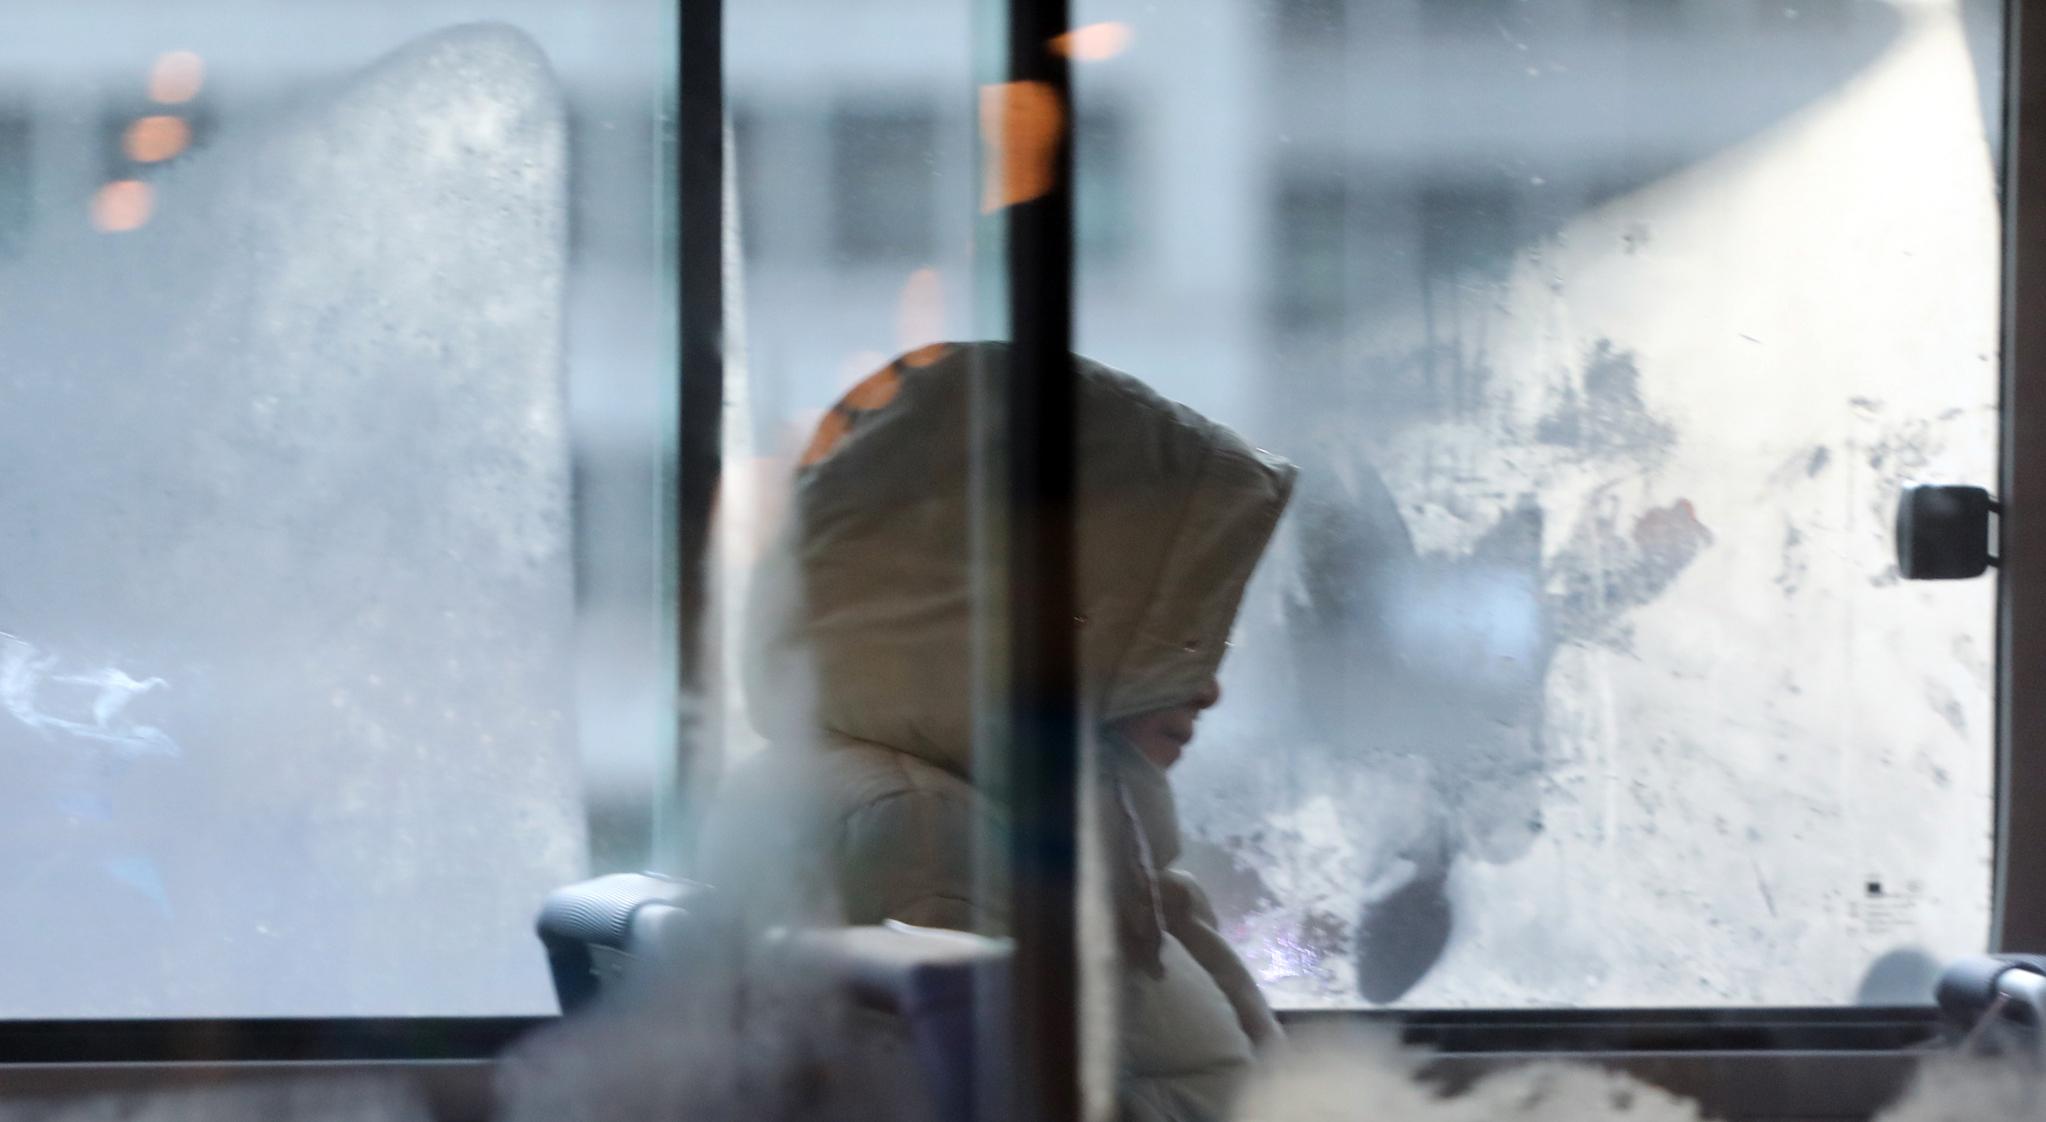 한파가 찾아온 7일 오전 한 시민이 버스 안에서 모자를 쓰고 있다.[연합뉴스]